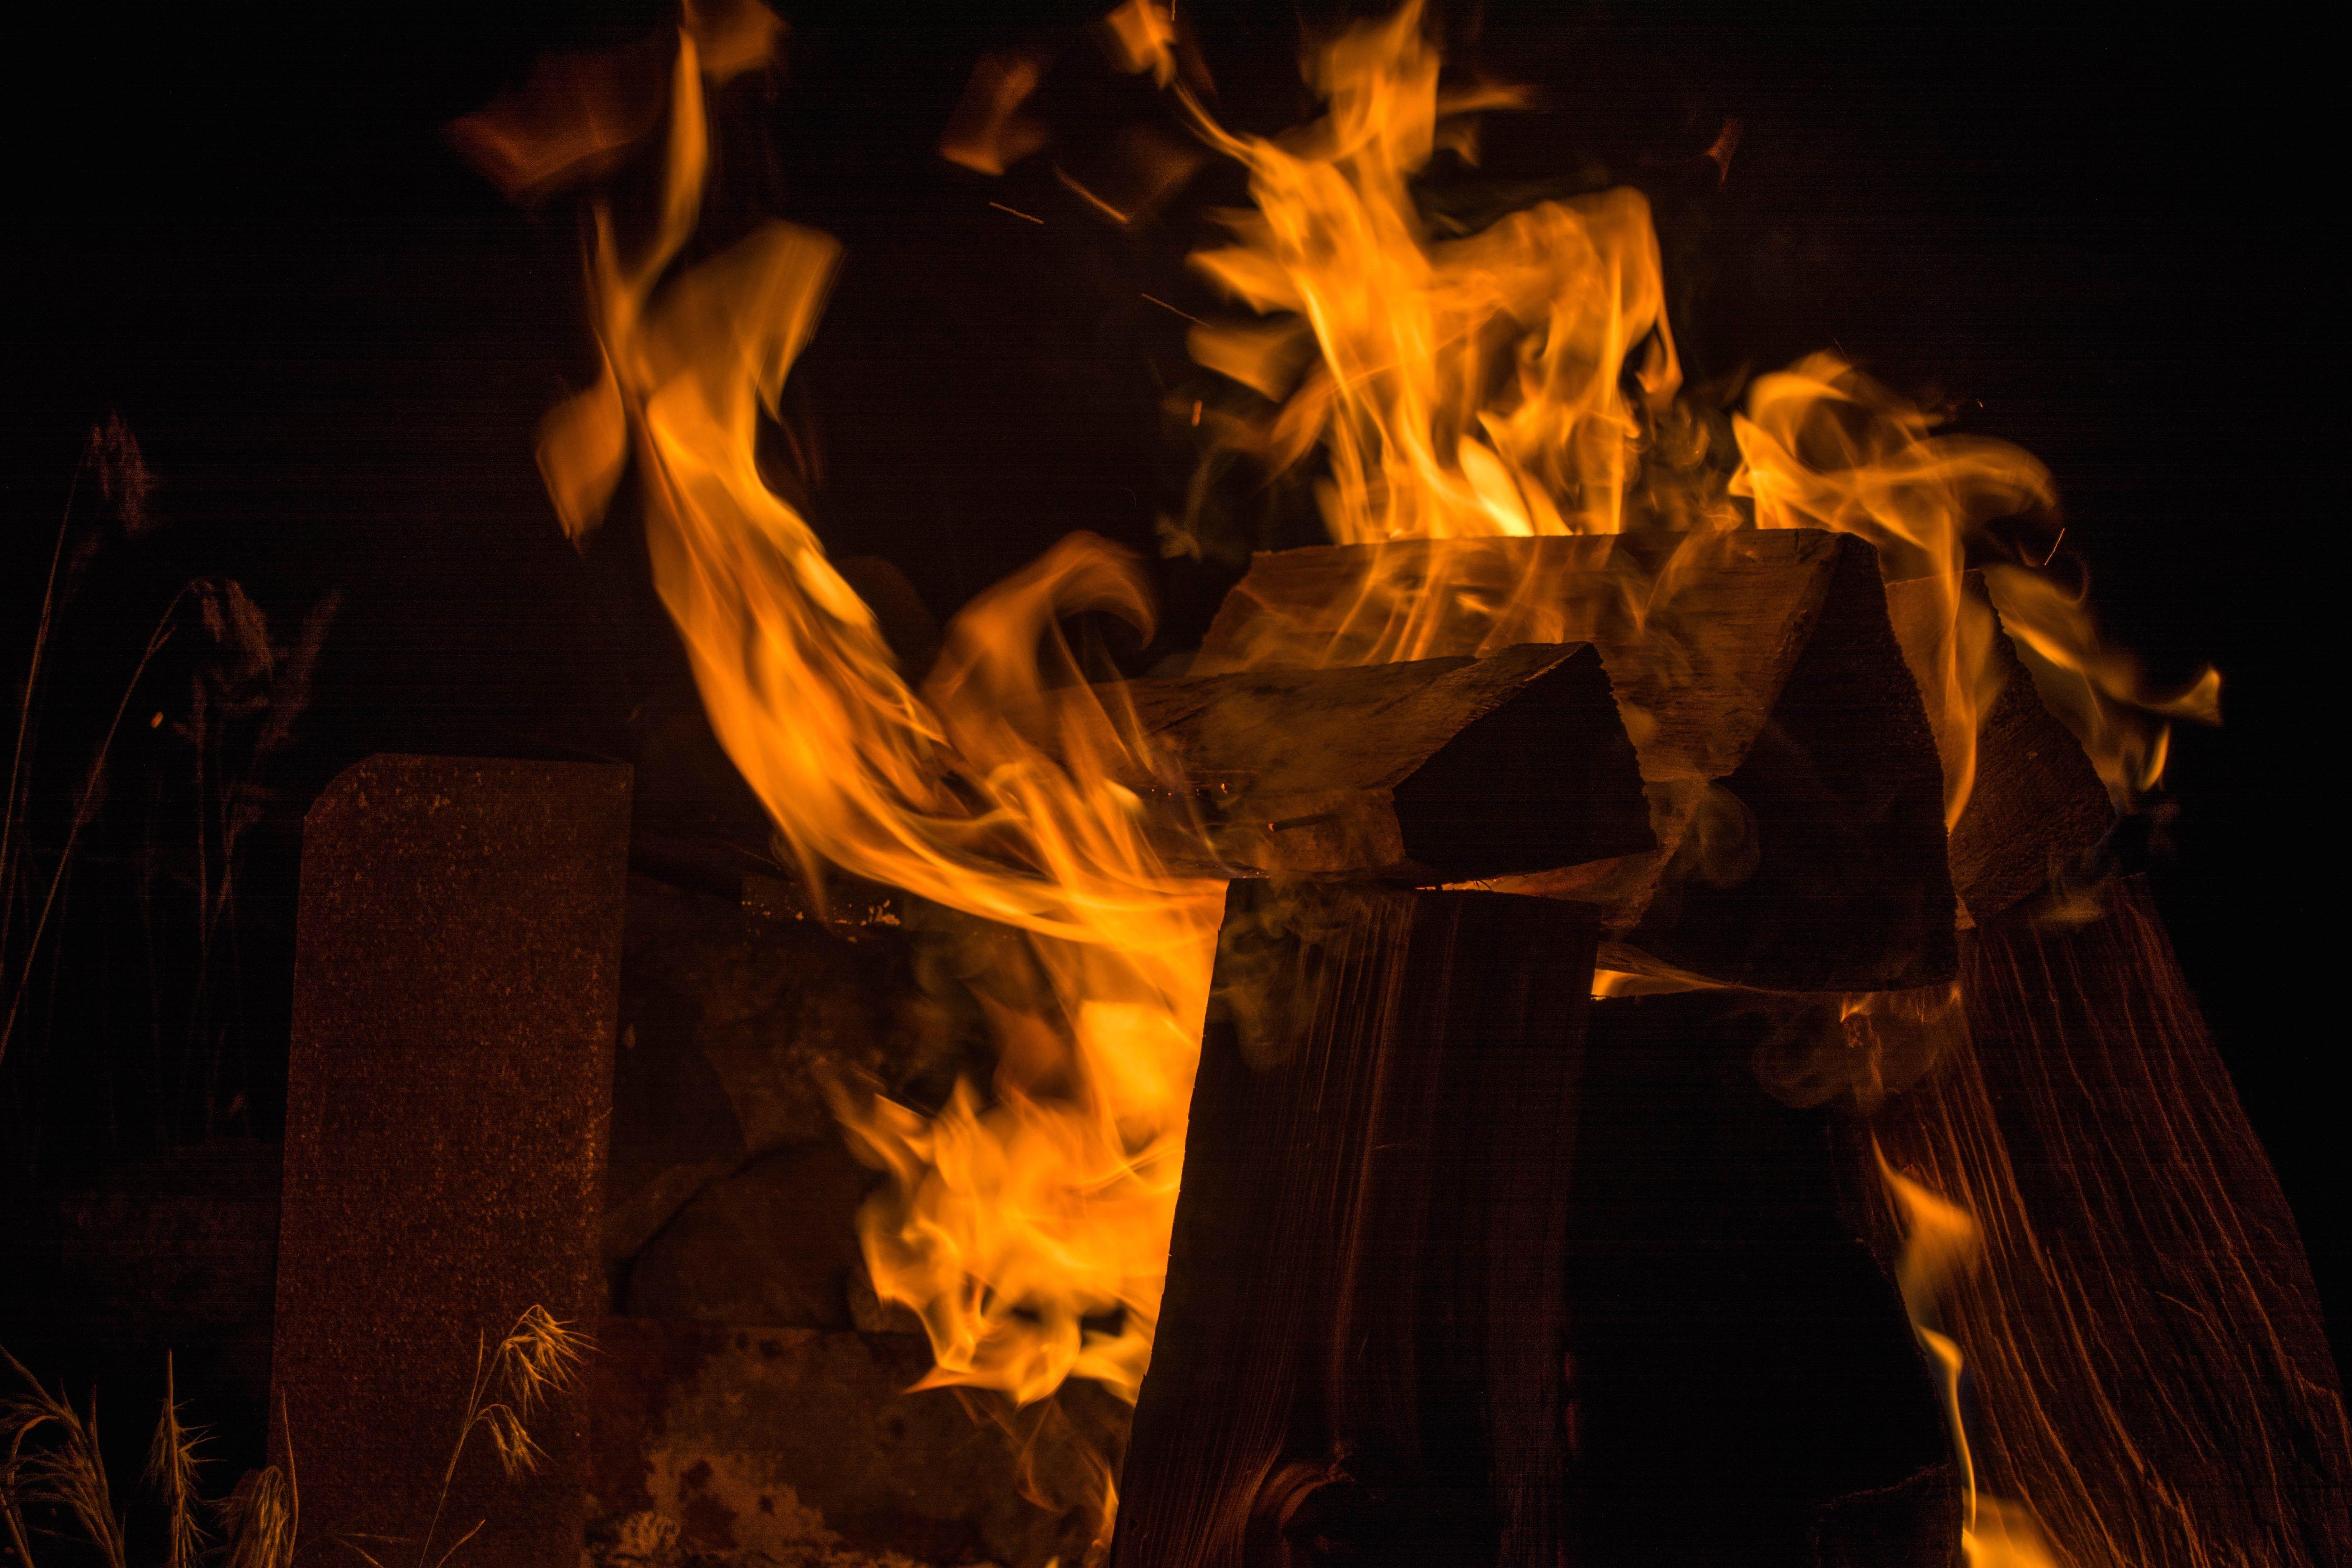 image libre feu flamme sombre chemin e chaleur bois. Black Bedroom Furniture Sets. Home Design Ideas